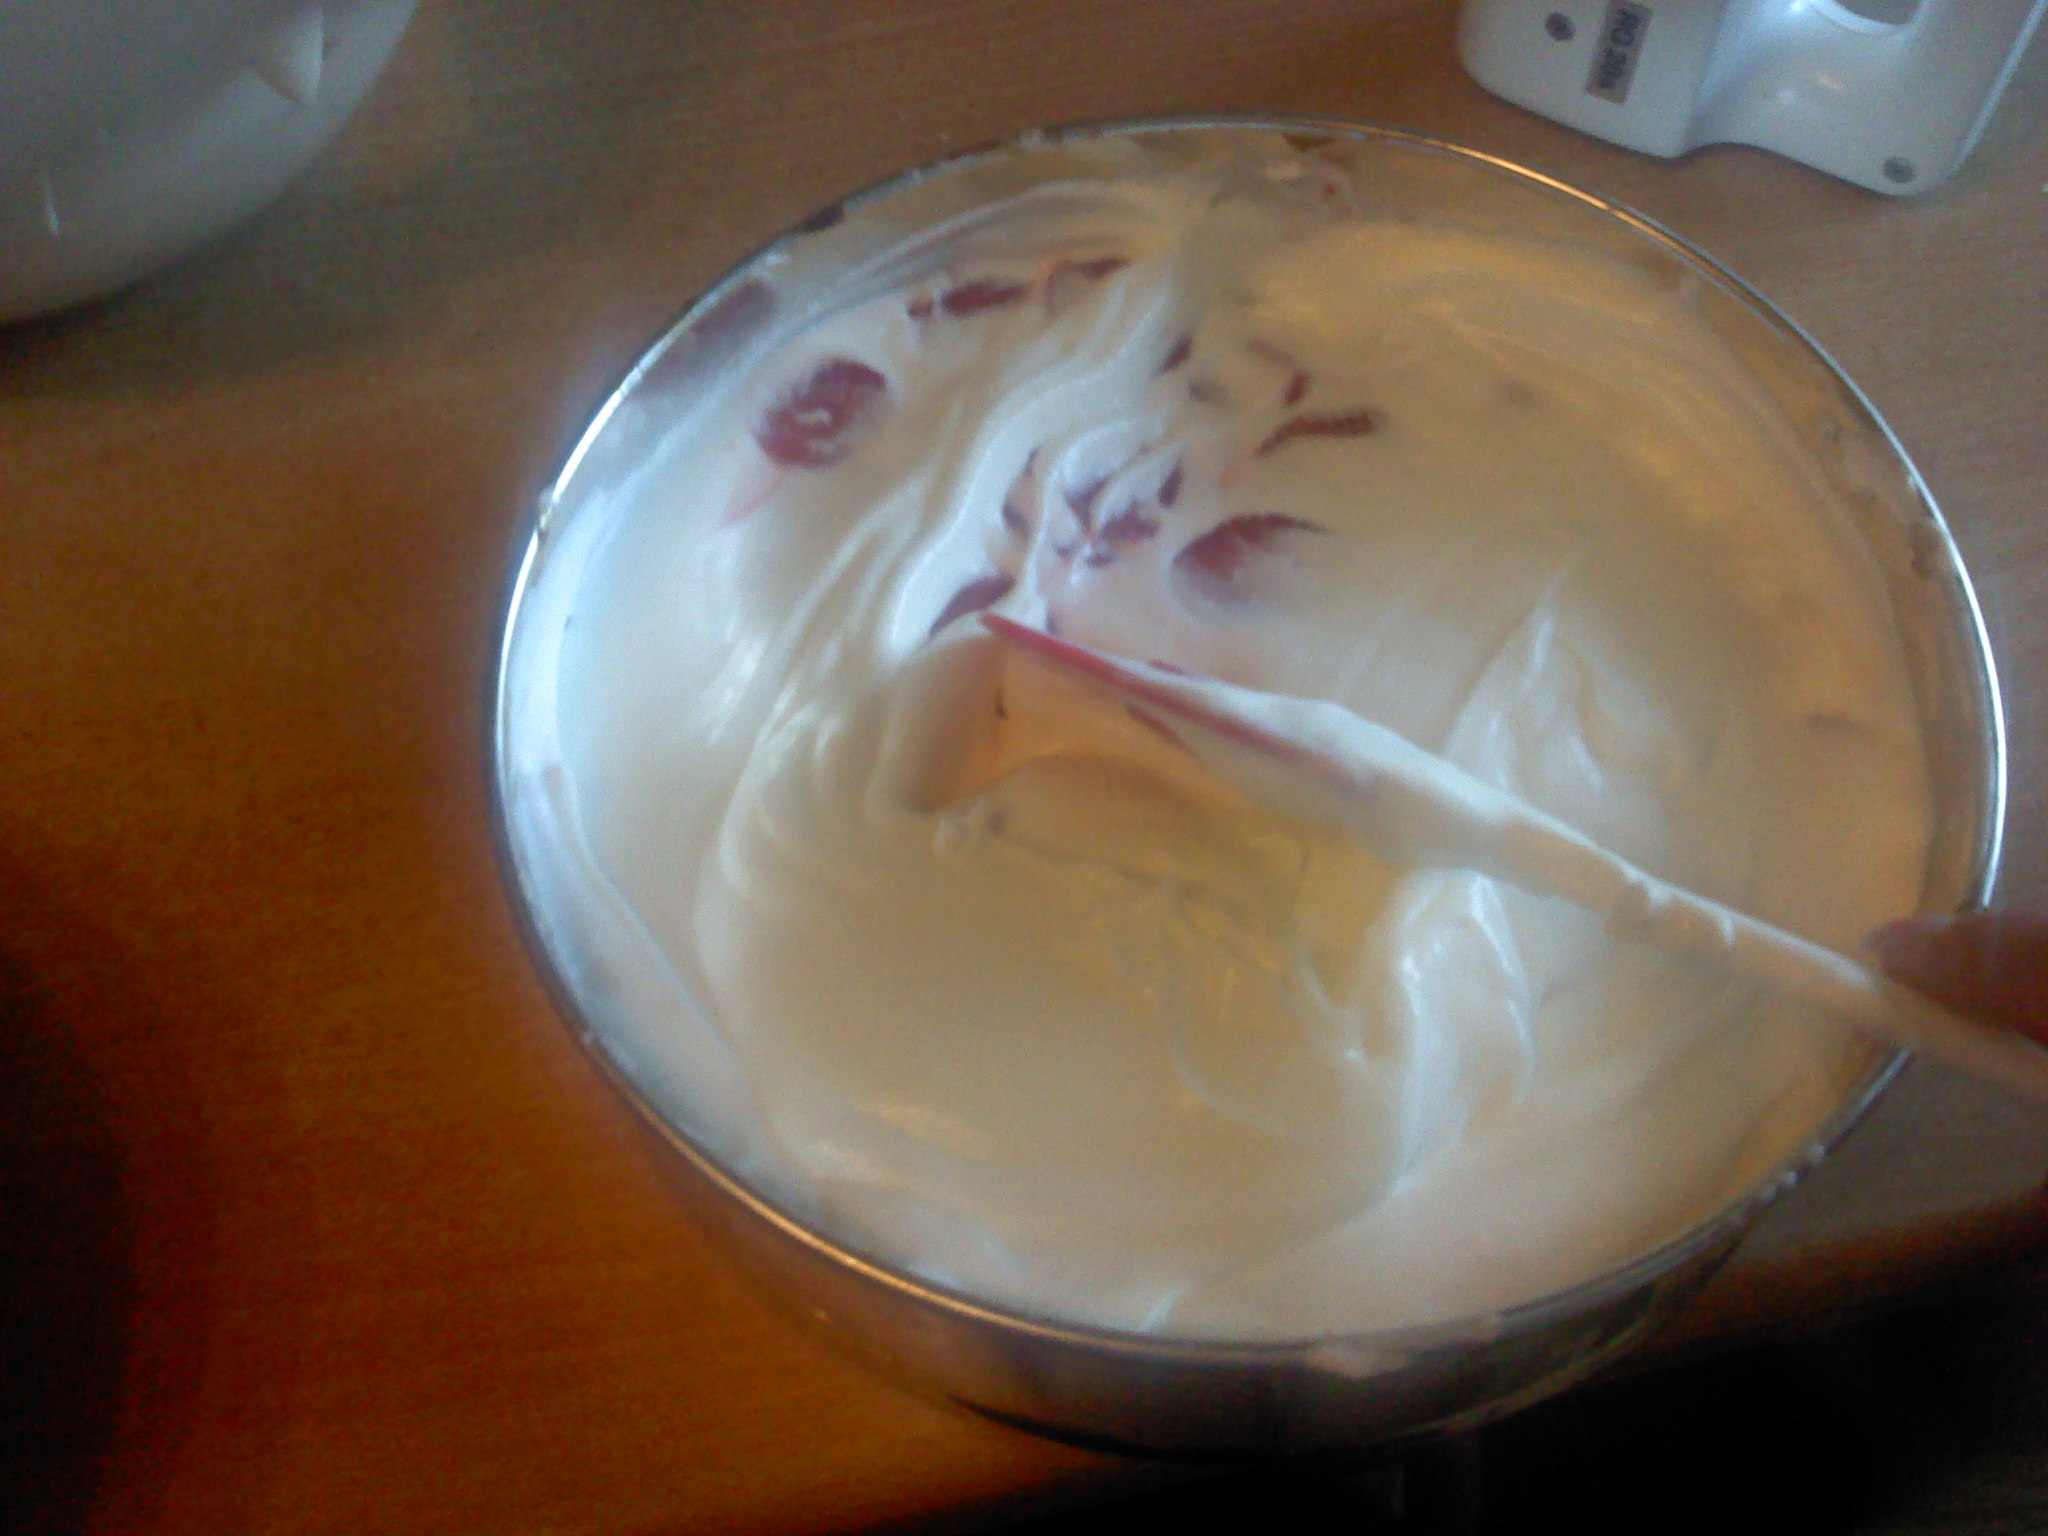 Recept Smetanovo-tvarohový dort s jahodami  - střídání vrstev jahod a krému